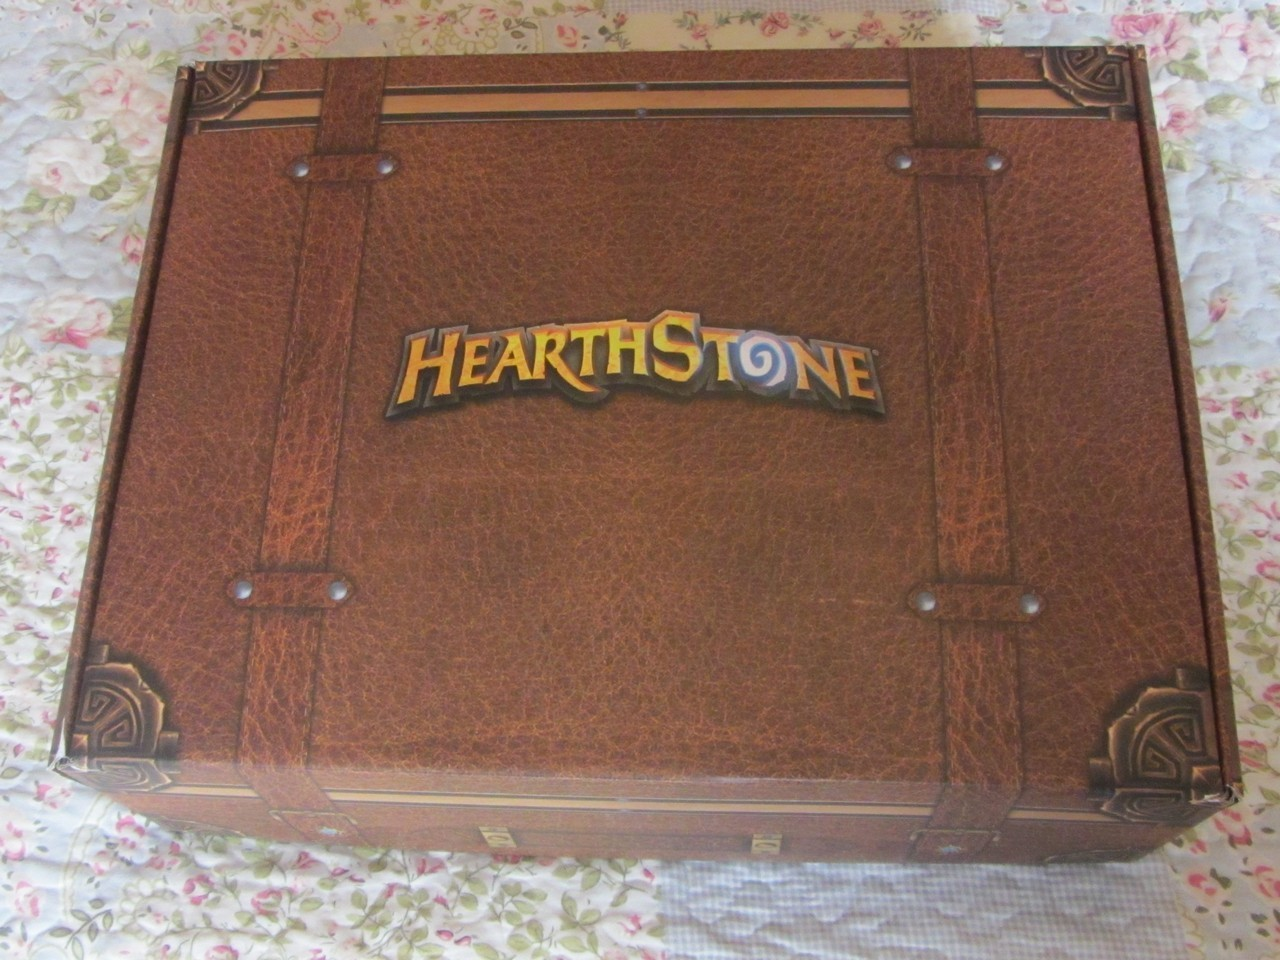 Изучаем комплект сувениров по злачному городу прибамбасску в hearthstone